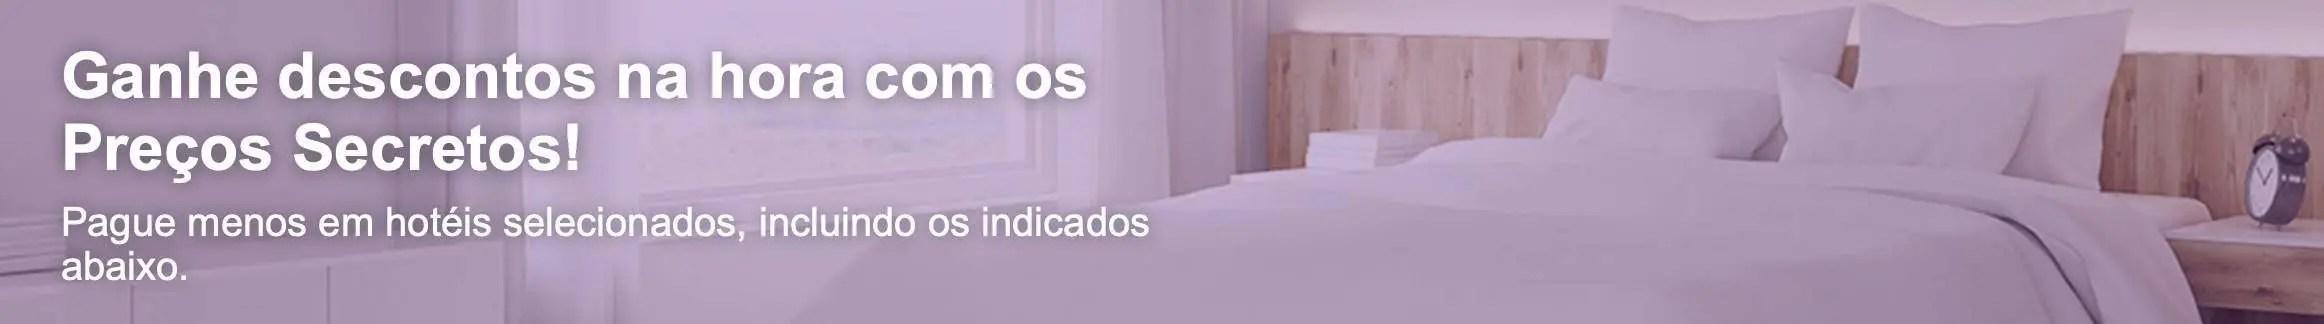 hoteis.com rewards preços secretos